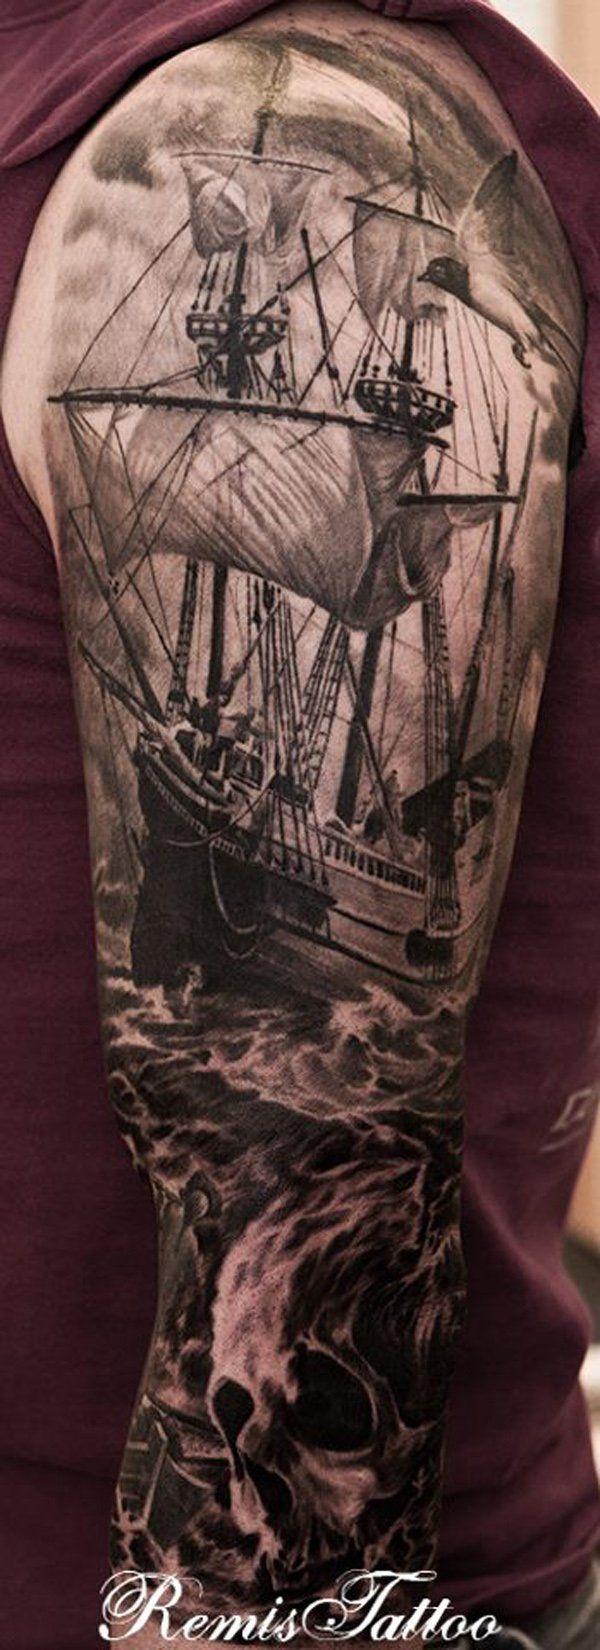 52 modèles de tatouage licorne ailé - 12 https://tattoo.egrafla.fr/2016/02/25/modeles-tatouage-bateau/